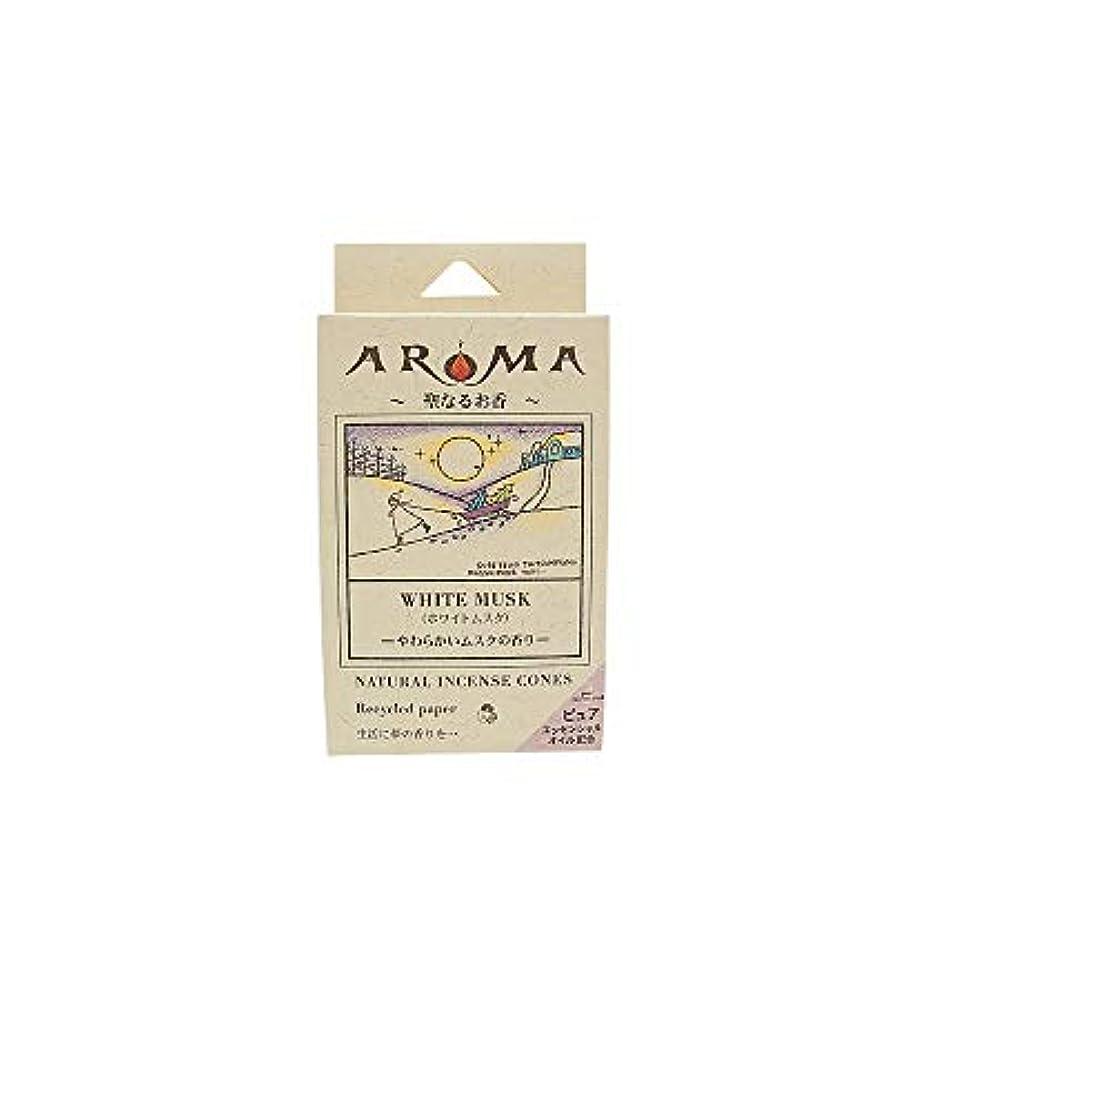 キャンプメイン手配するアロマ香 ホワイトムスク 16粒(コーンタイプインセンス 1粒の燃焼時間約20分 やわらかいムスクの香り)